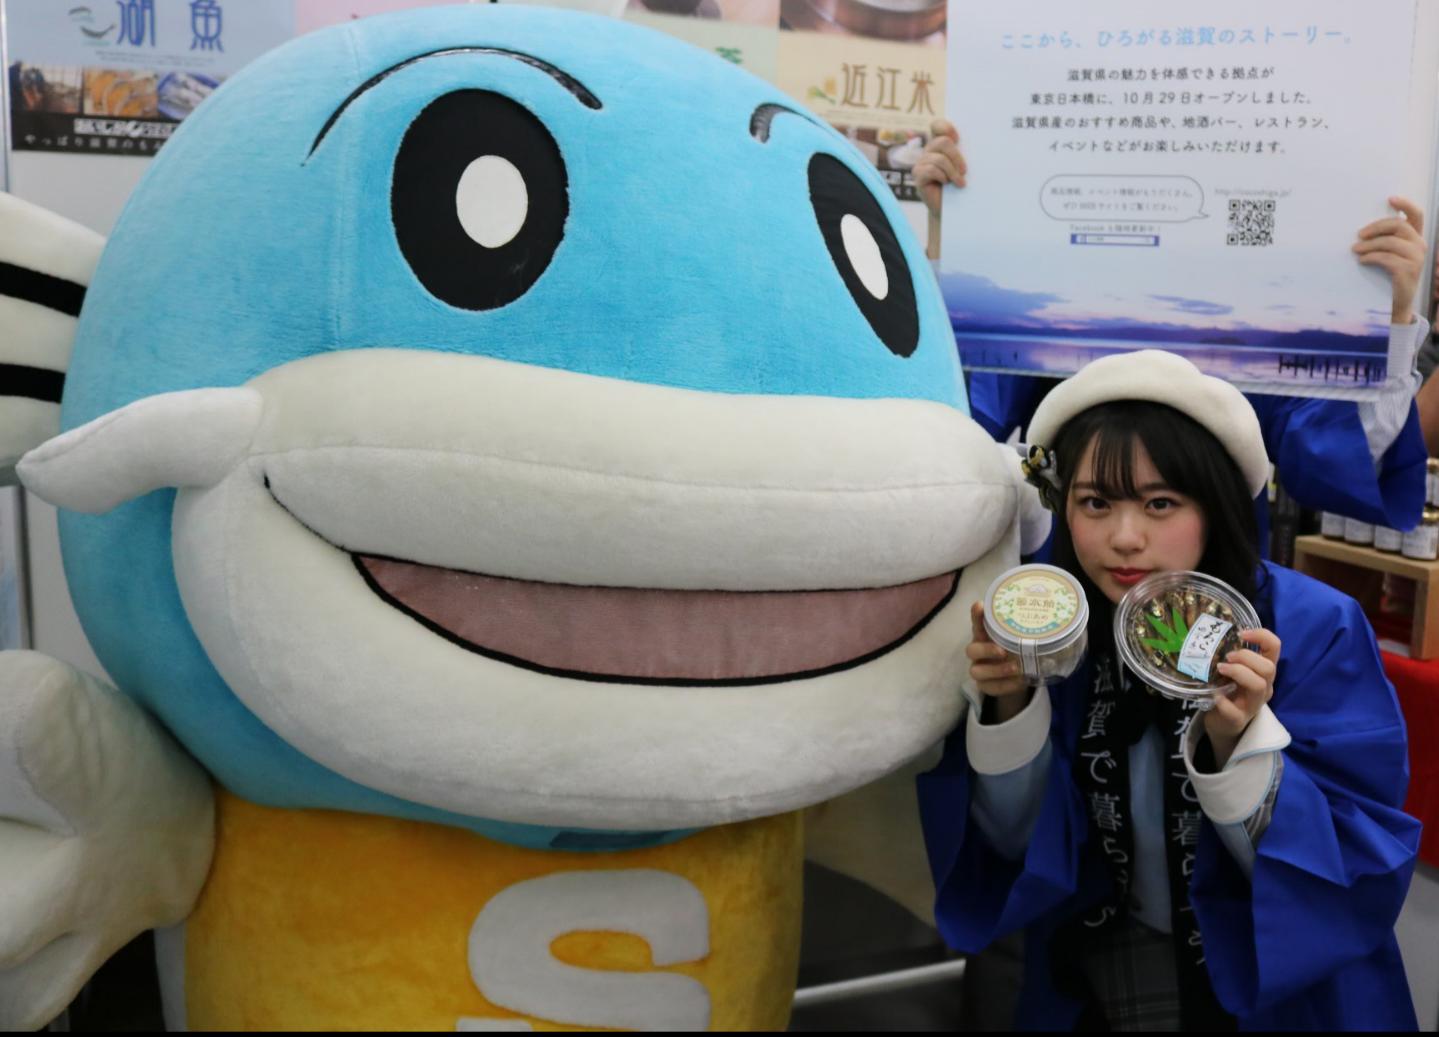 滋賀県のイメージキャラクター「キャッフィー」と濵